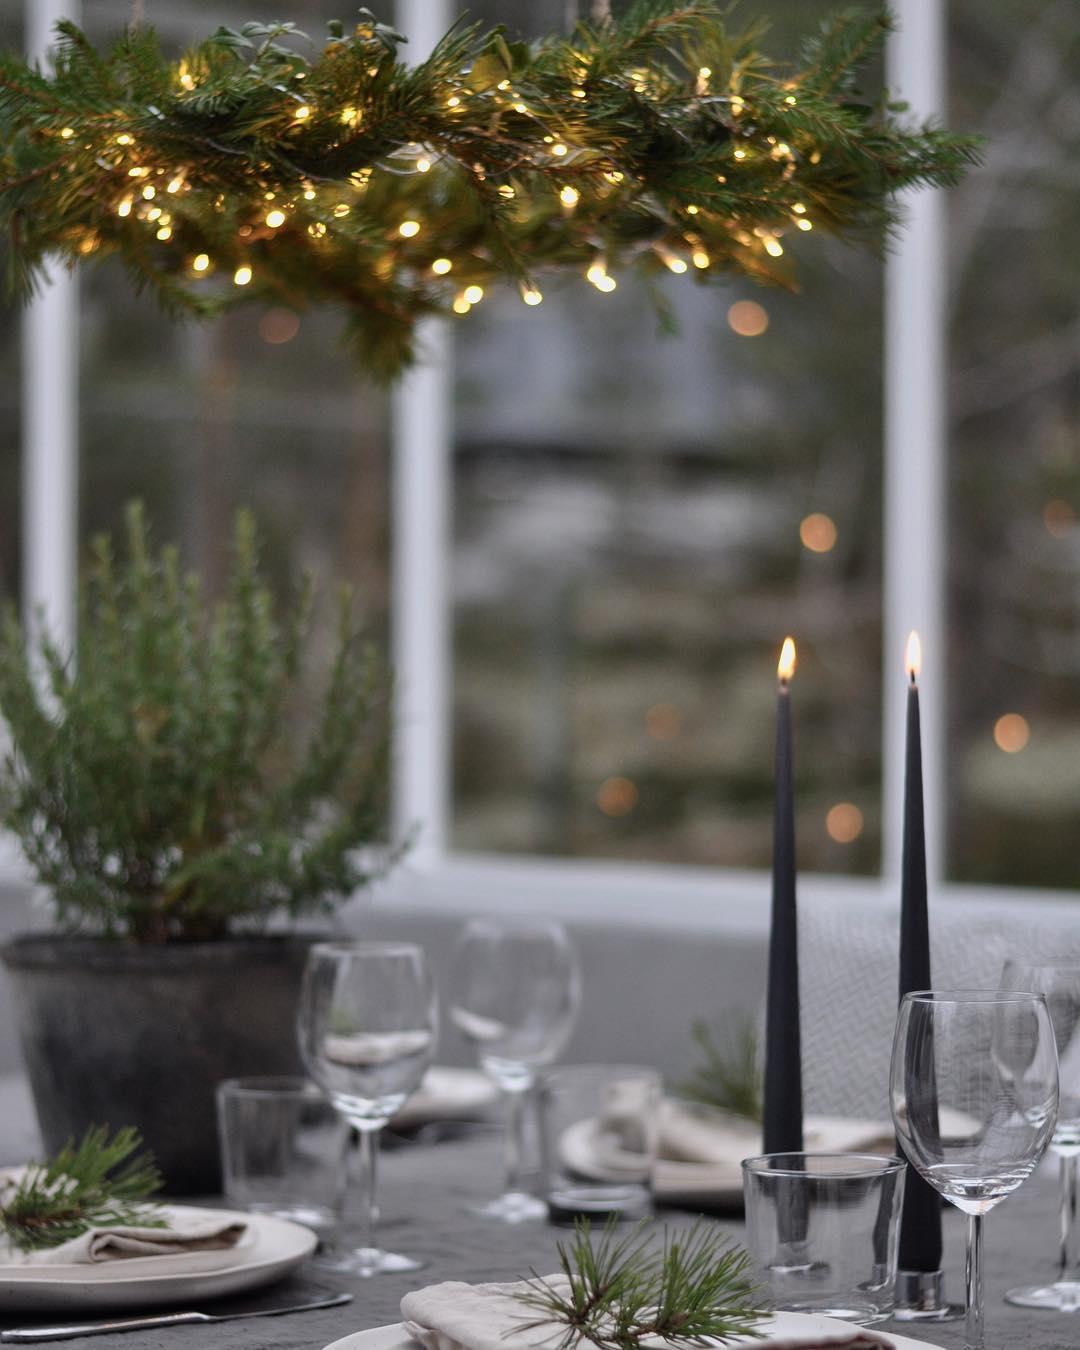 Tjuvstarta julen med finaste kransen mer p bloggen! linkinbio